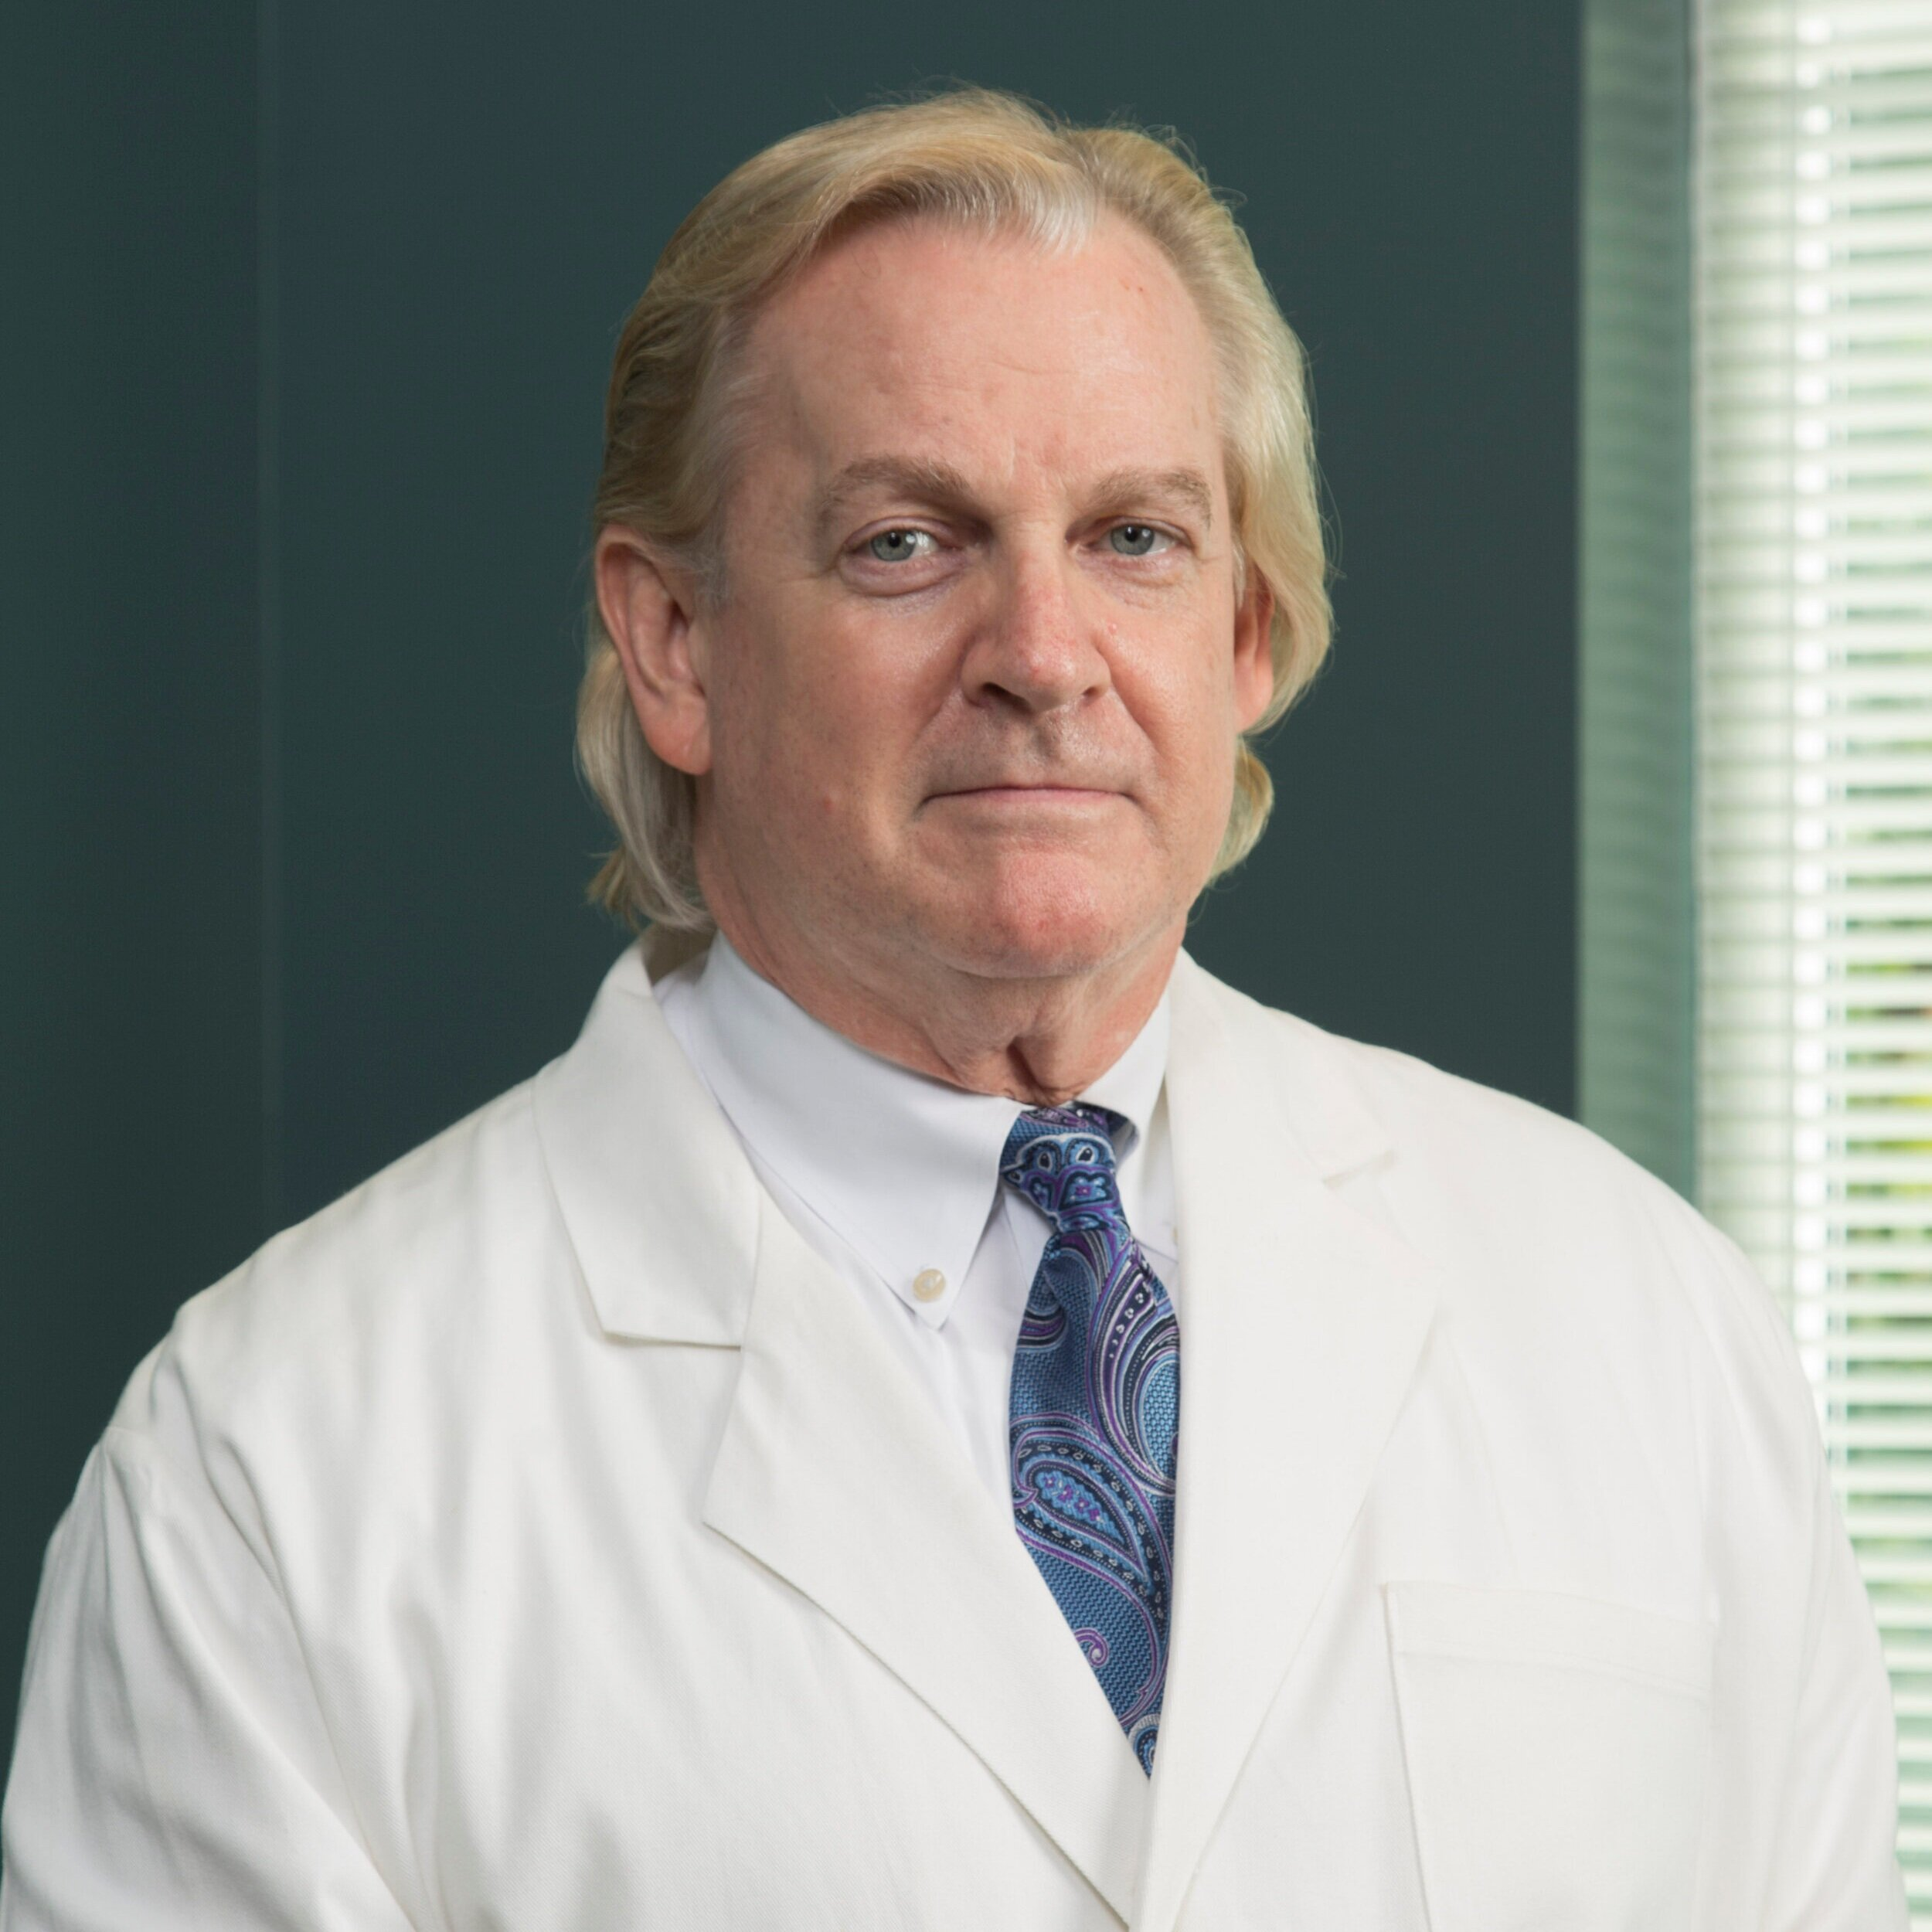 Dr. Robert Quarles, D.O.